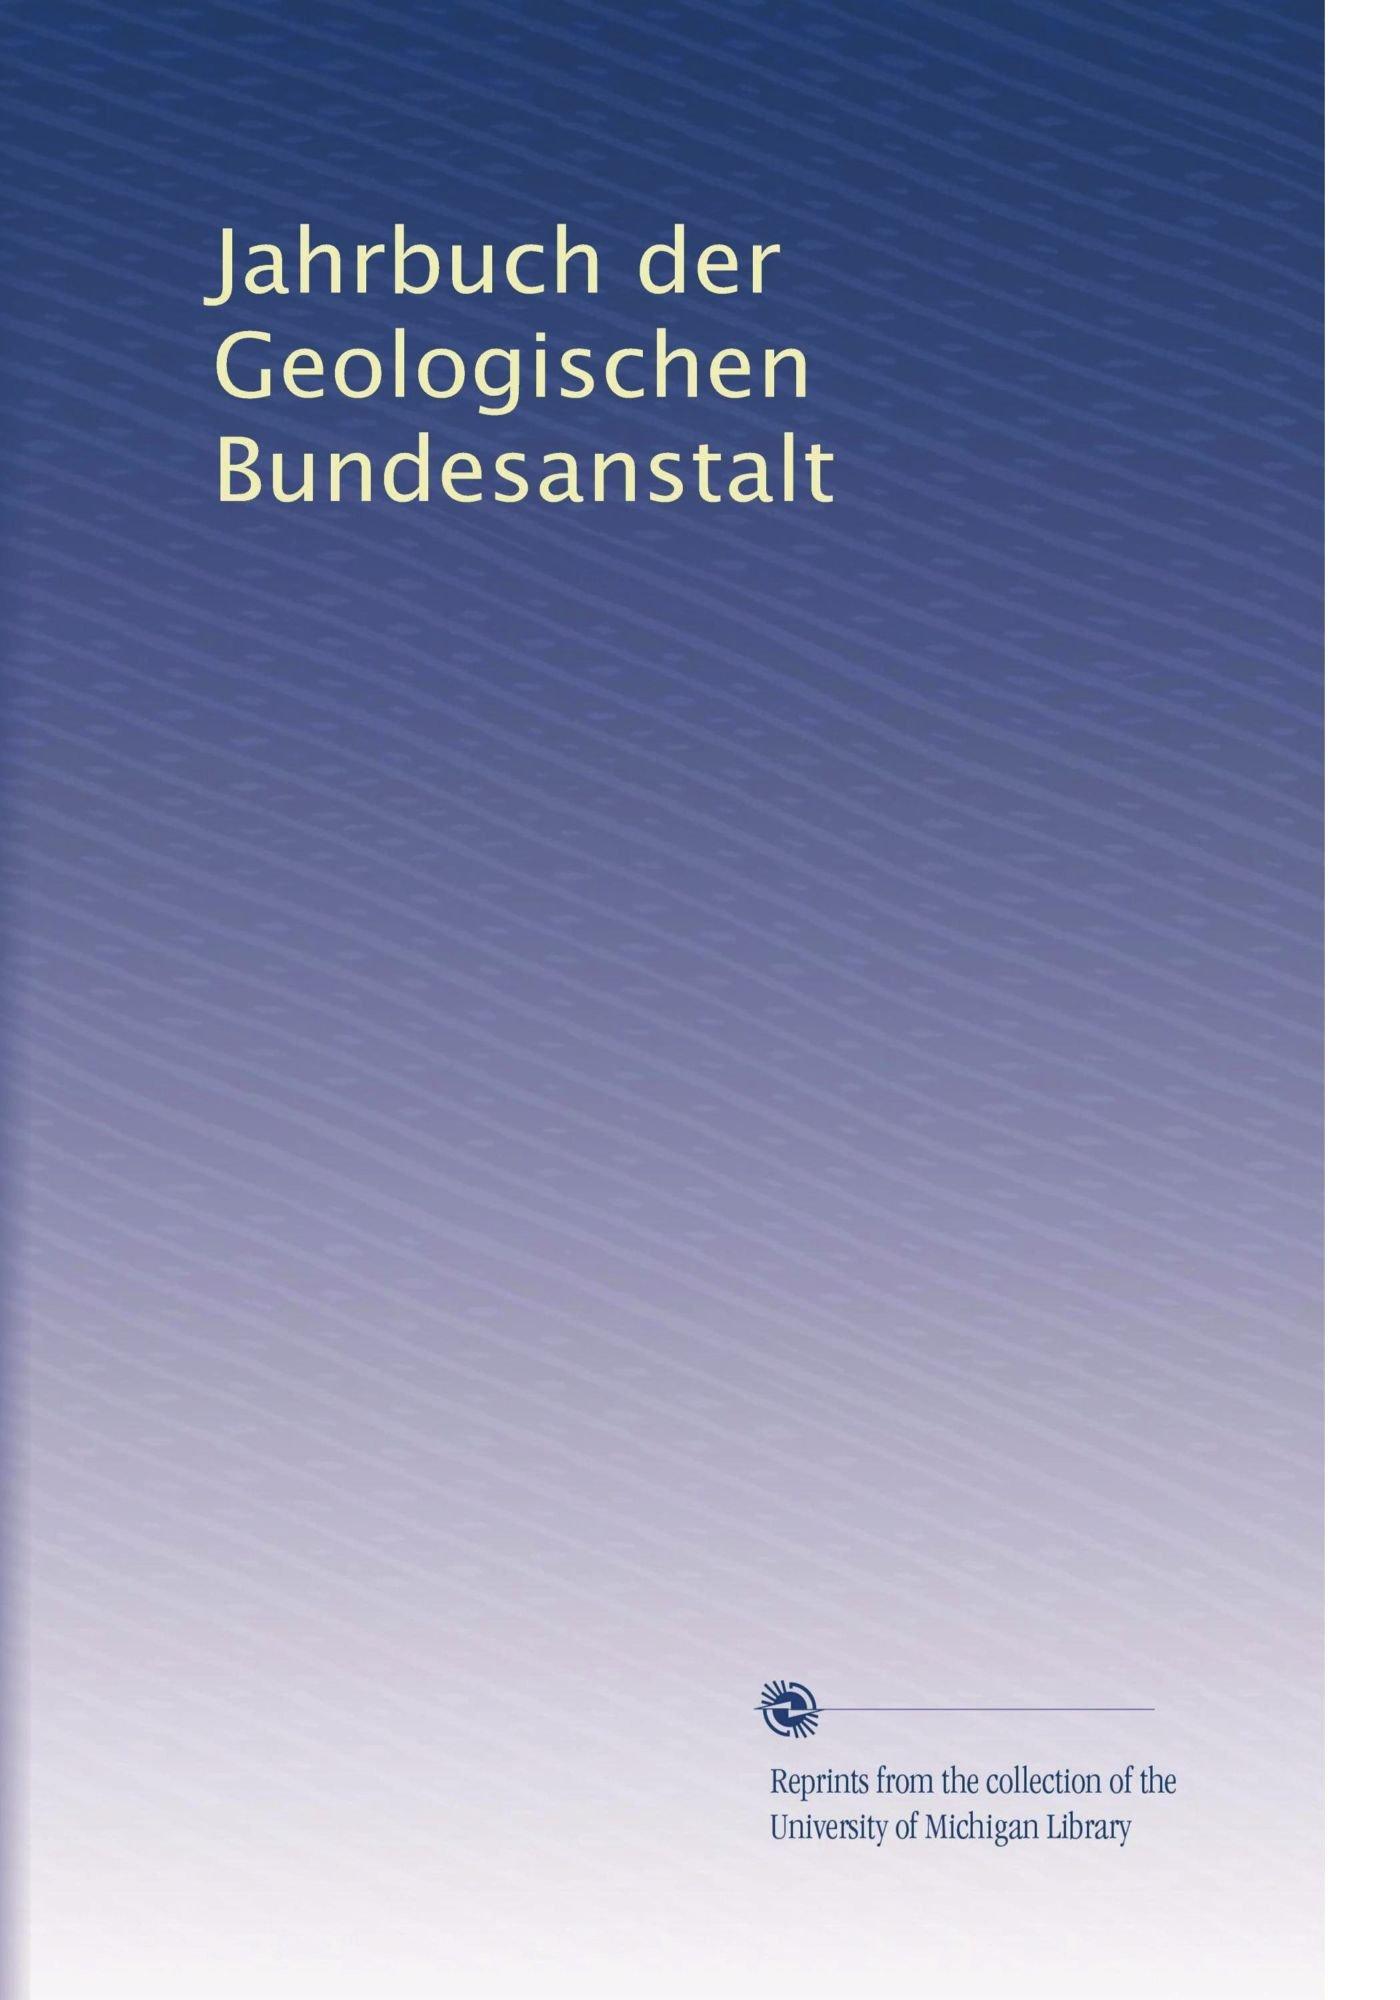 Jahrbuch der Geologischen Bundesanstalt (German Edition) ebook